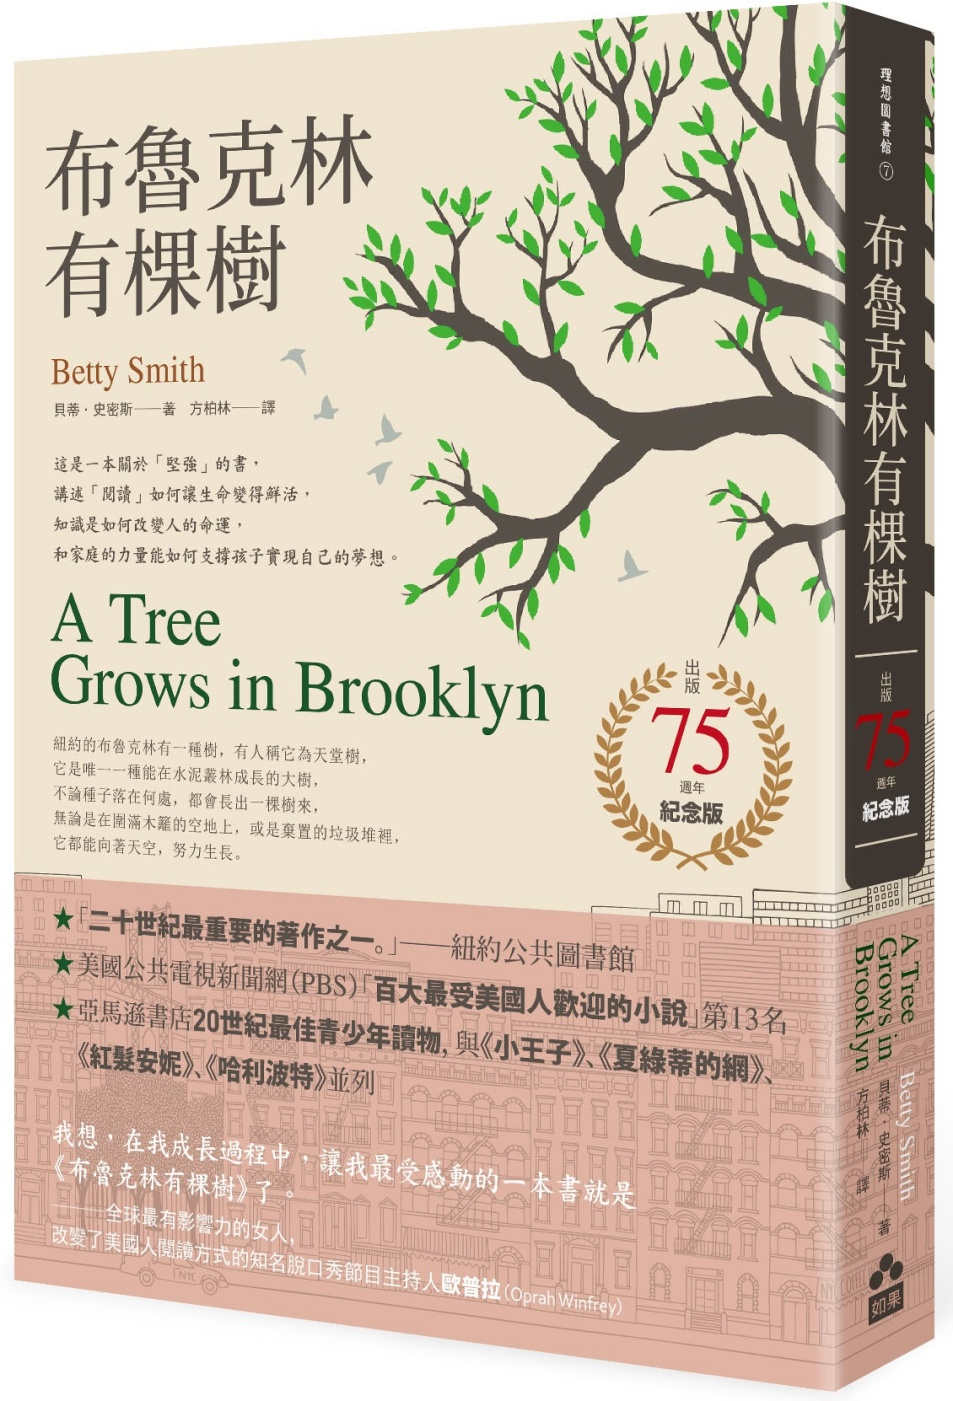 布魯克林有棵樹【出版75週年紀念版】